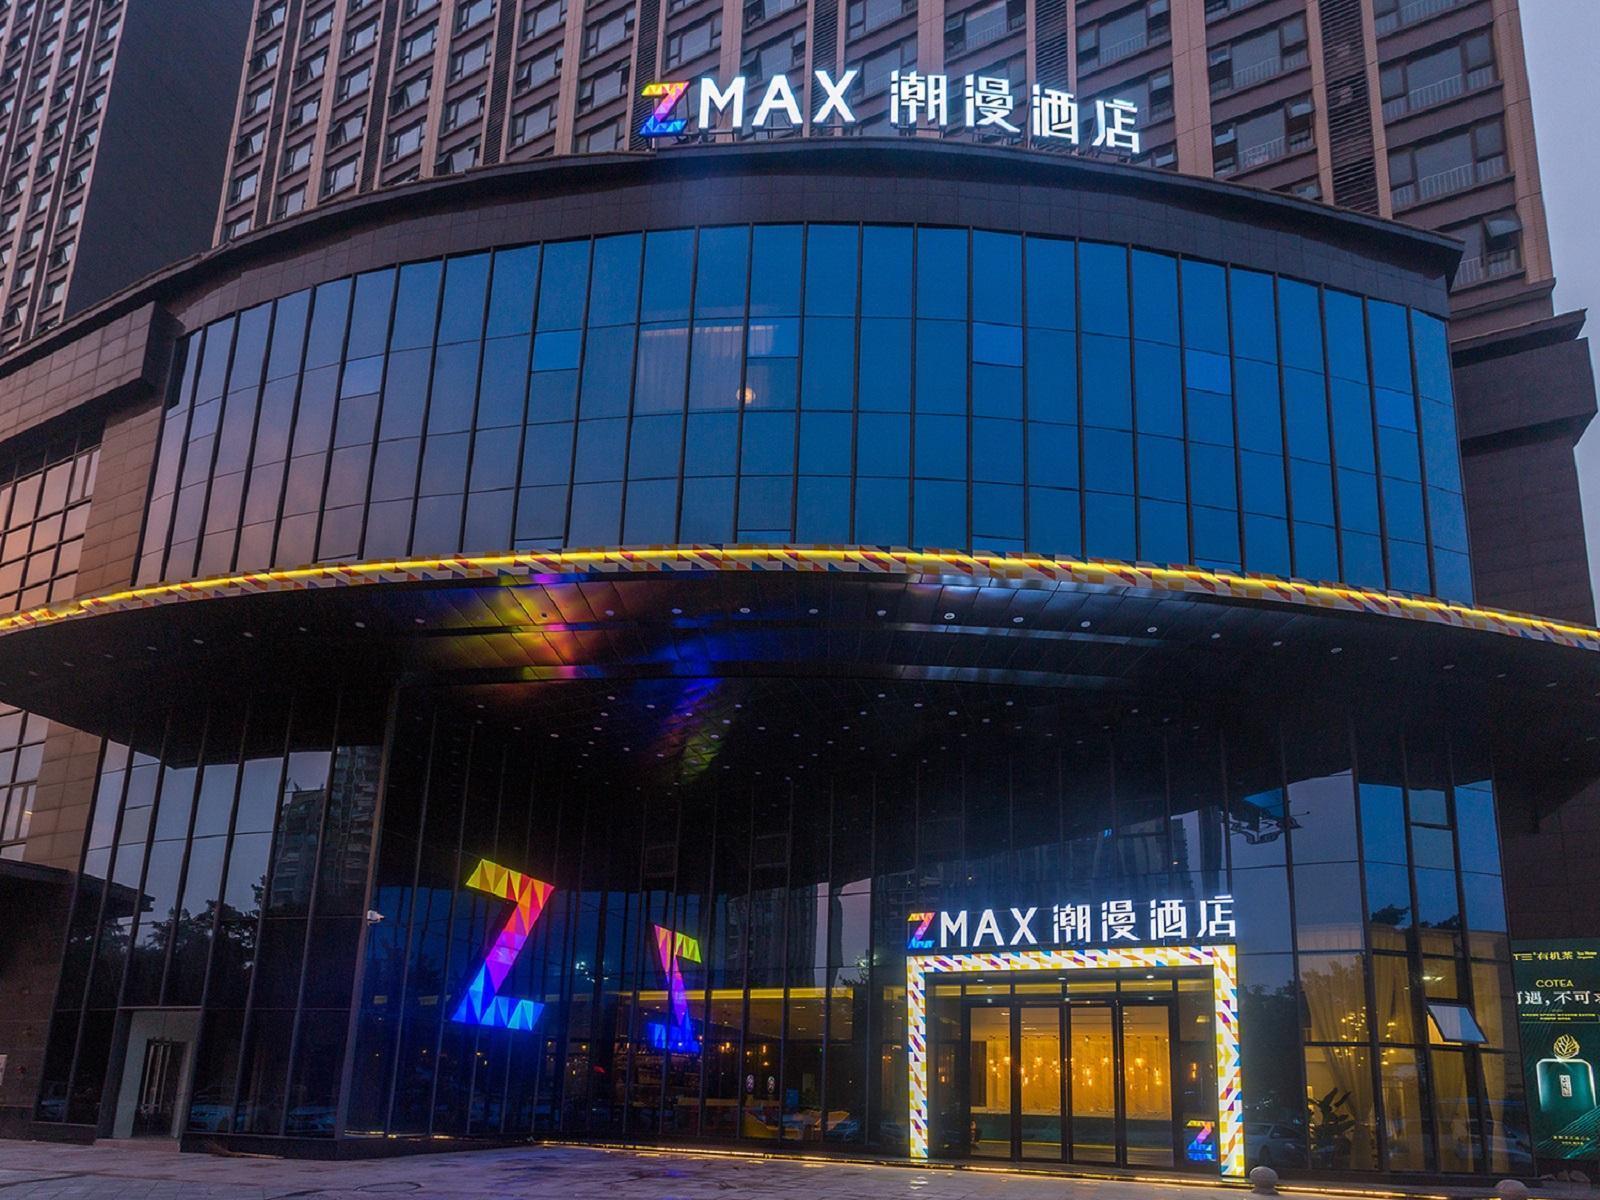 Zmax Qingyuan Guangqing Railway Station